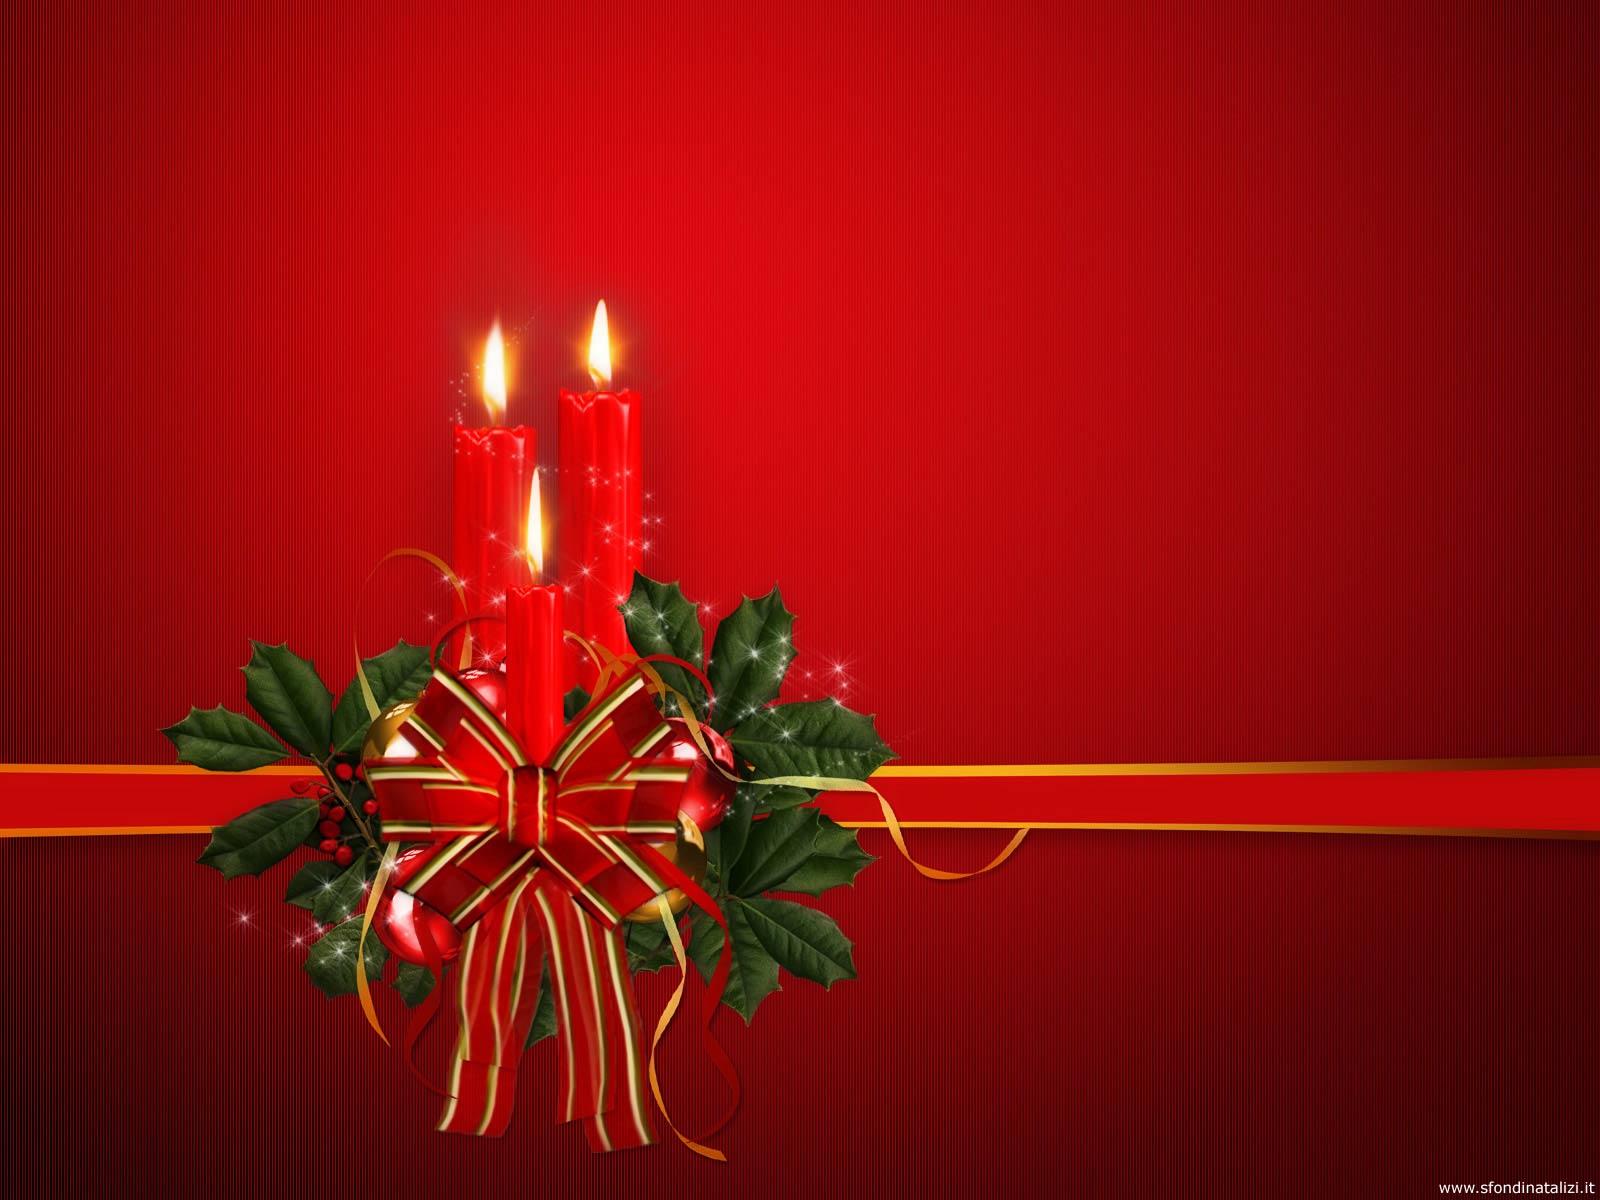 Sfondo Natalizio - Sfondo natalizio Candele accese